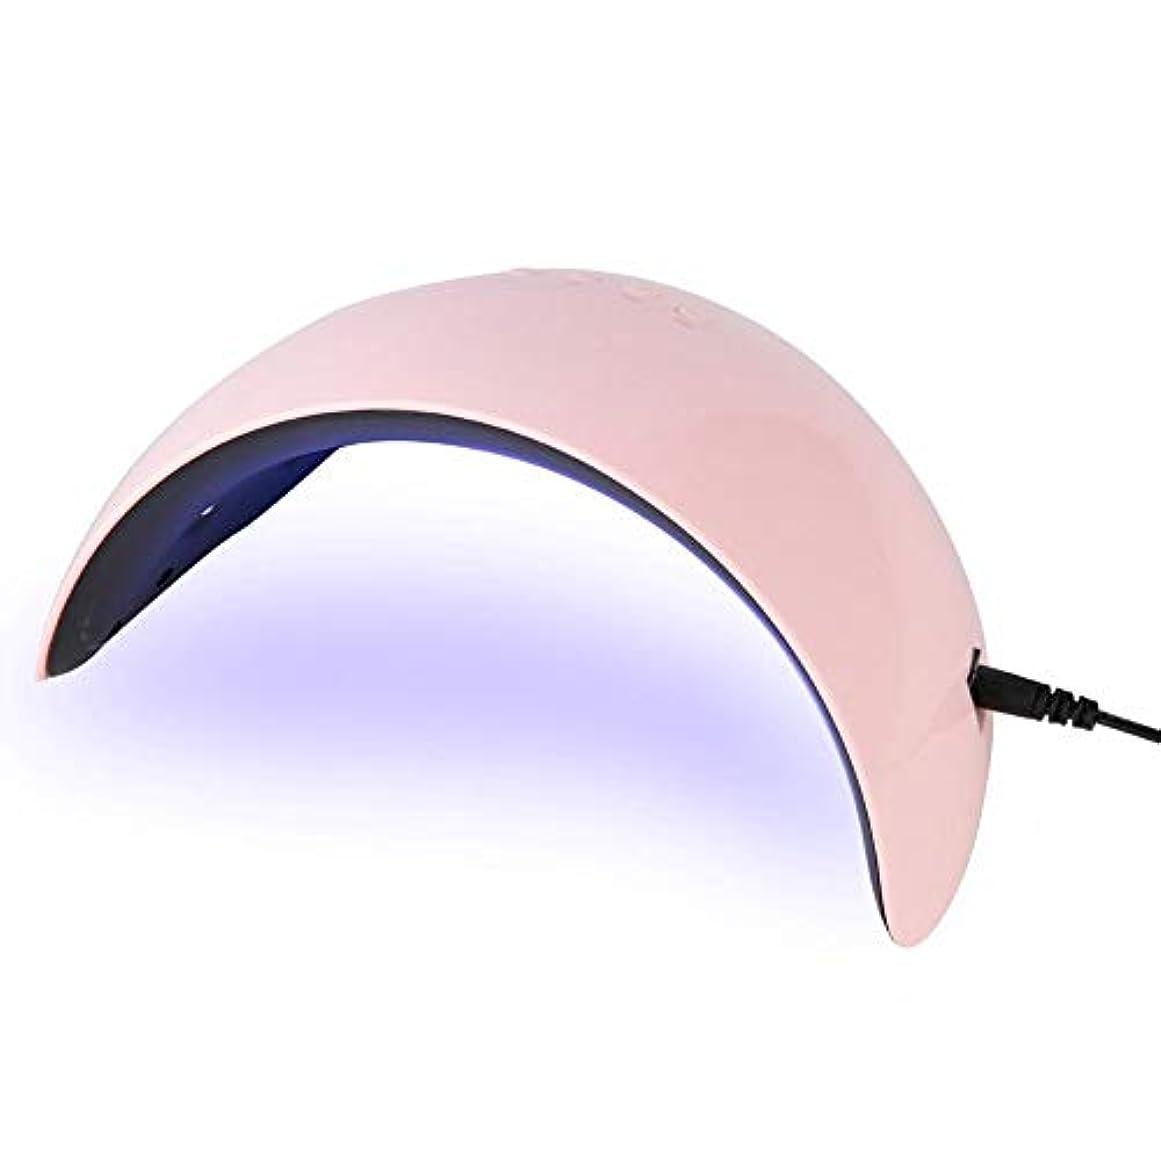 購入束真向こうプロフェッショナルネイル用UVランプ、LEDネイルドライヤー、ネイルランプネイルライトネイルドライヤーネイル用プロフェッショナルサロンネイルポリッシュランプネイルジェルポリッシュランプマニキュア高速乾燥ライト36W(#01)